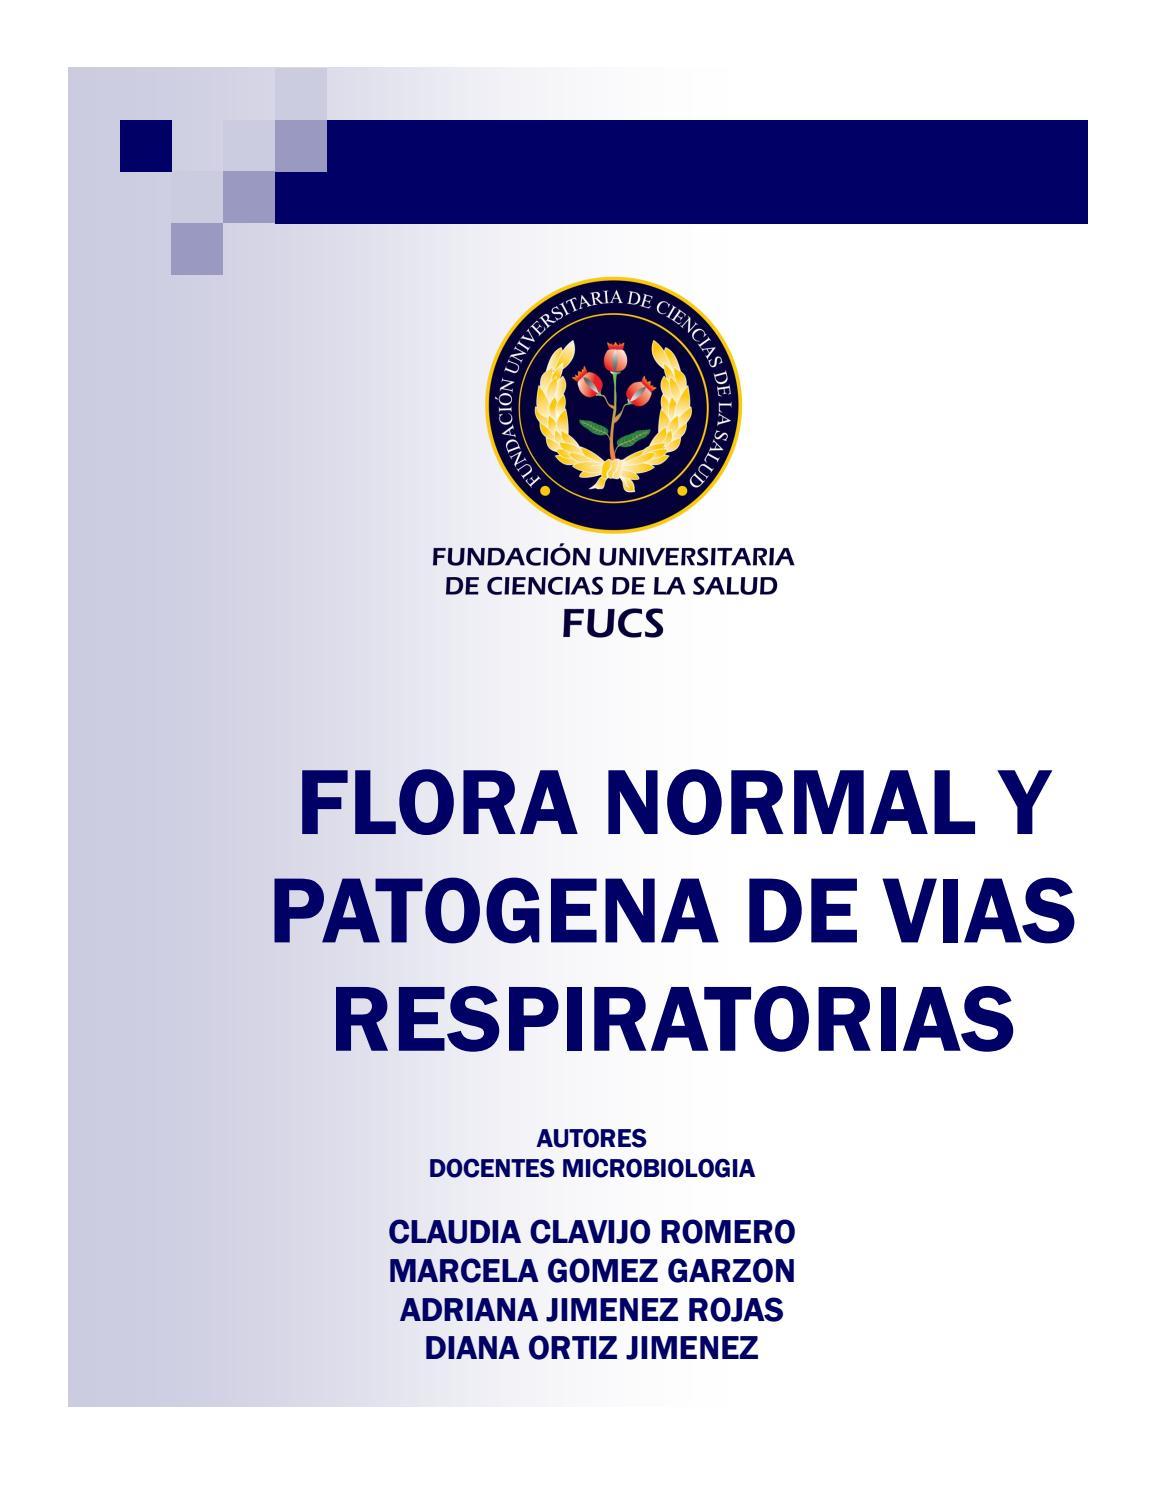 Flora normal y patogena vias respiratorias by marcela gomez - issuu